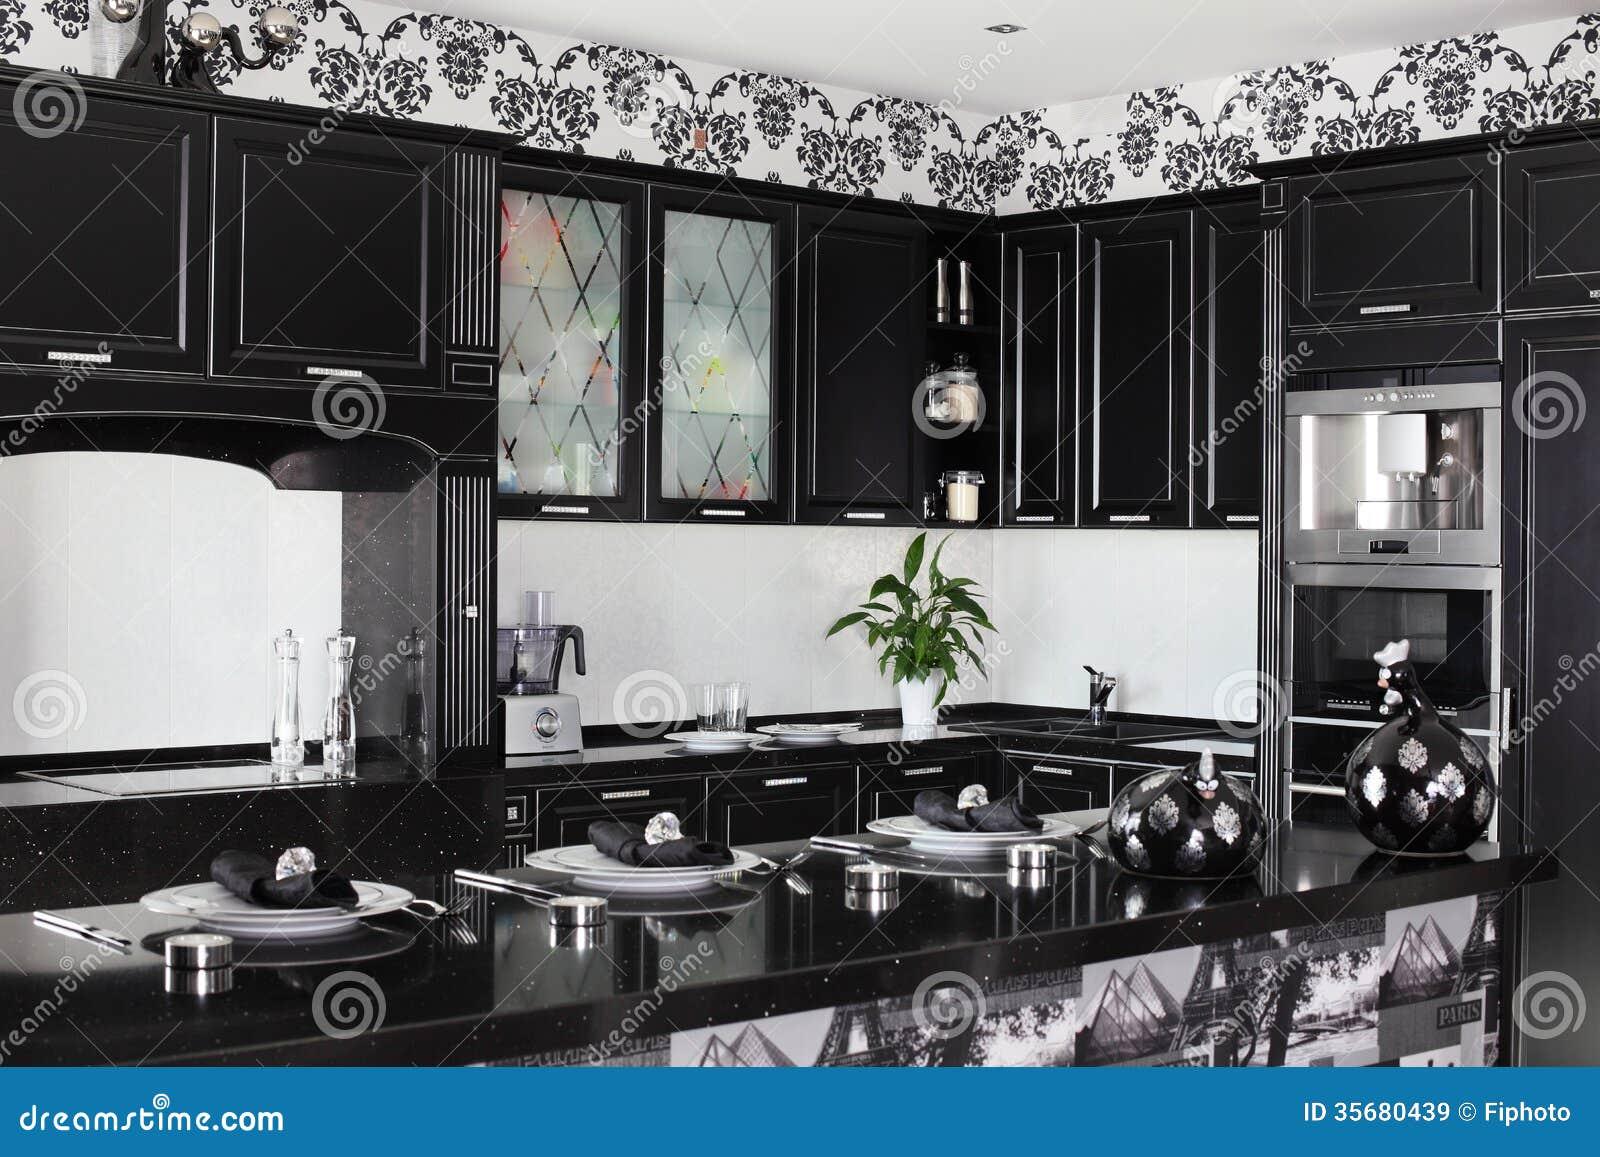 Cucina Moderna In Bianco E Nero Con Mobilia Alla Moda ...